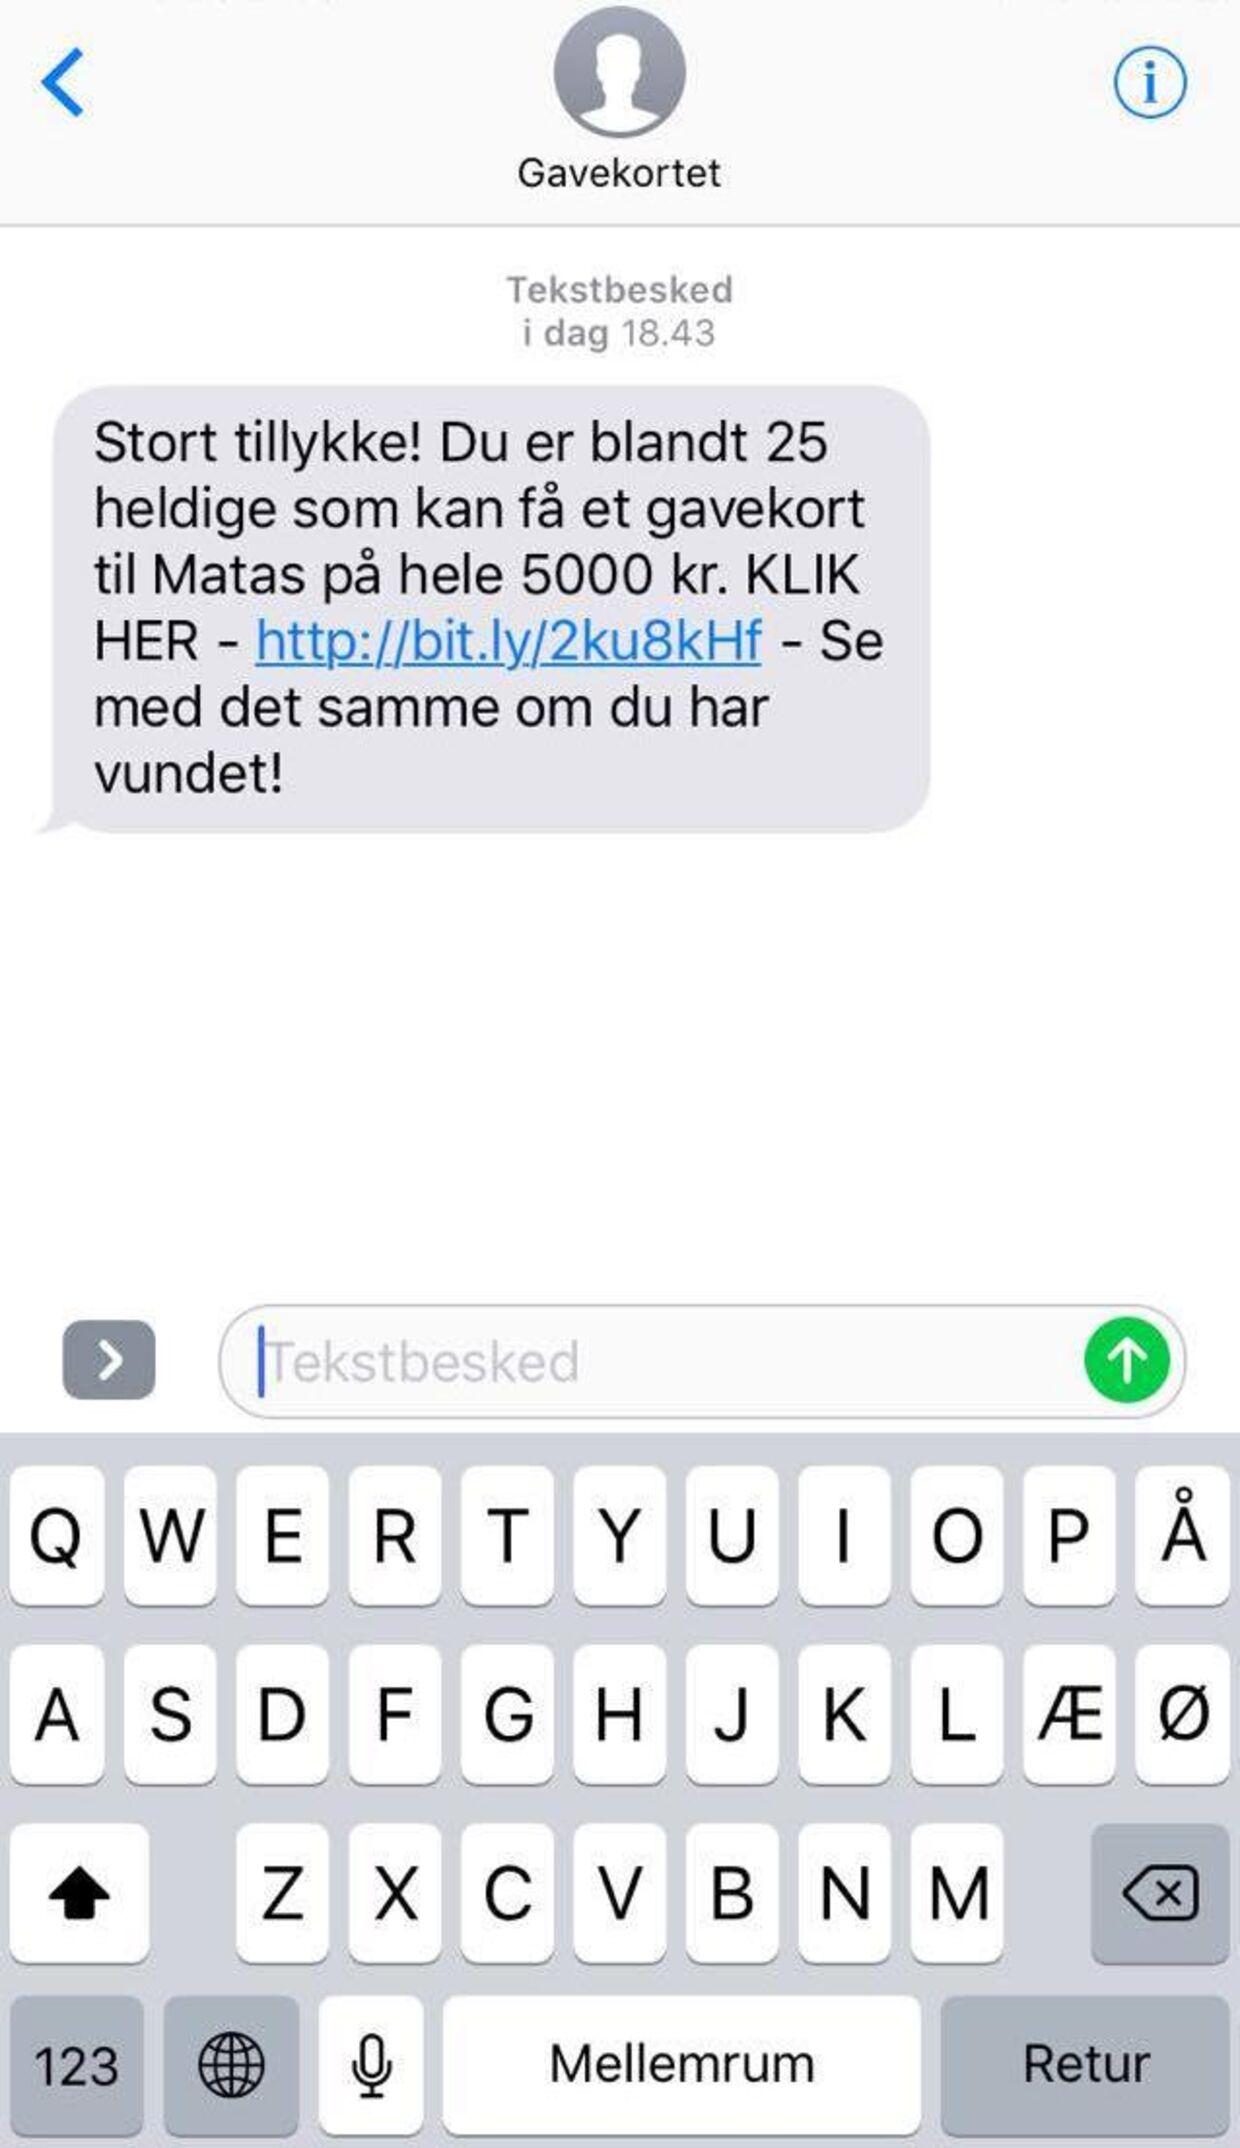 Det er en SMS som denne, en masse danskere har modtaget. SMS'en er dog falsk, og Matas understreger, at de ikke har noget at gøre med den udsendte. Det anbefales derfor, at SMS'en slettes.